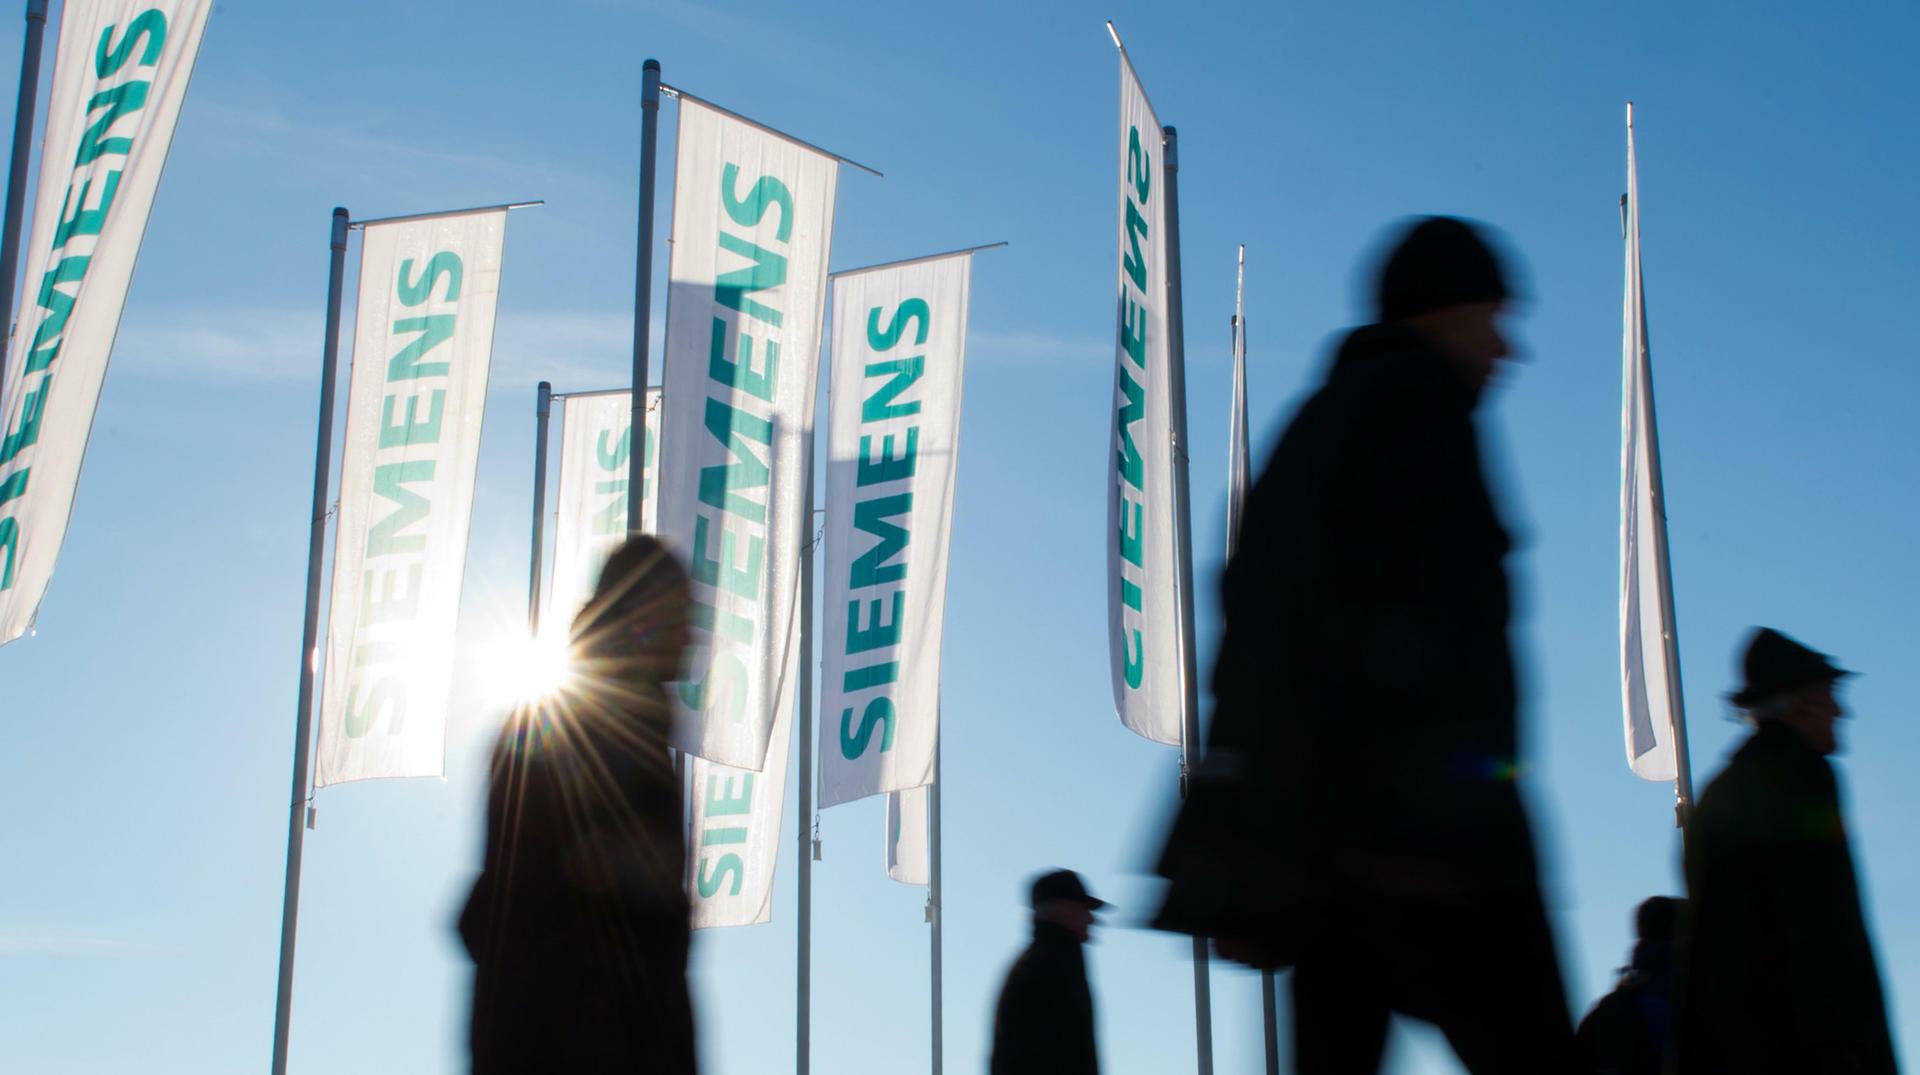 Siemens baut weltweit rund 7800 Stellen ab. Quelle: dpa